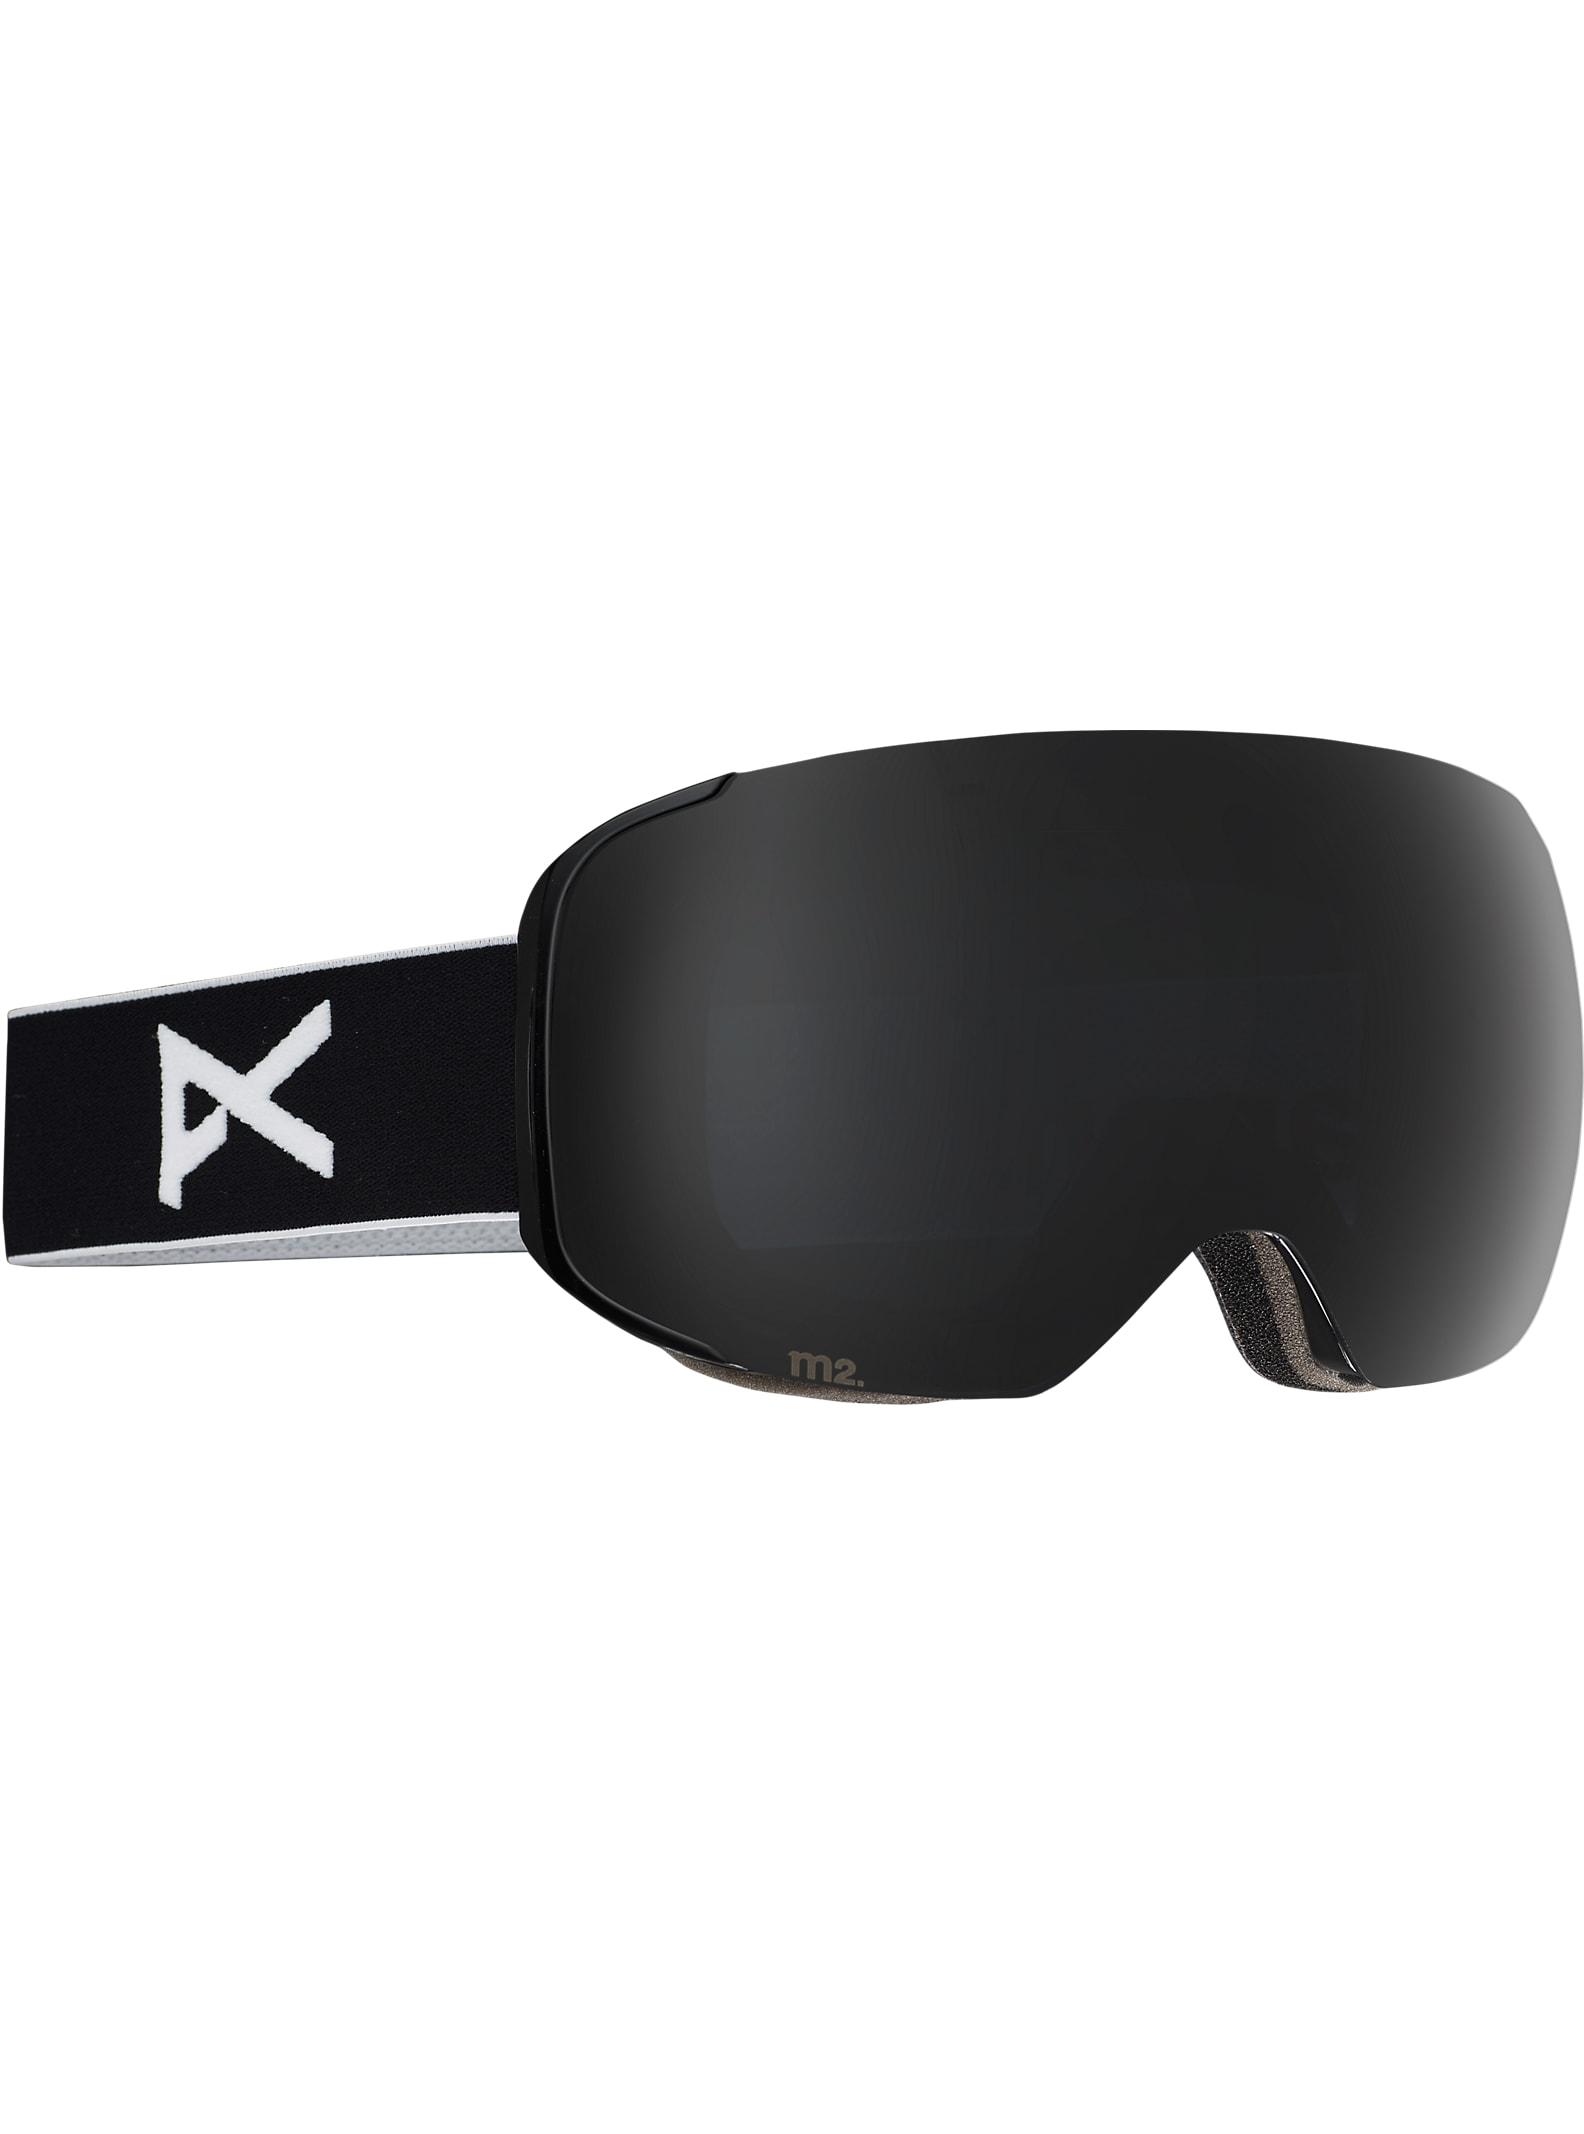 anon. M2 Goggle angezeigt in Rahmen: Black, Brillenglas: Polar Smoke